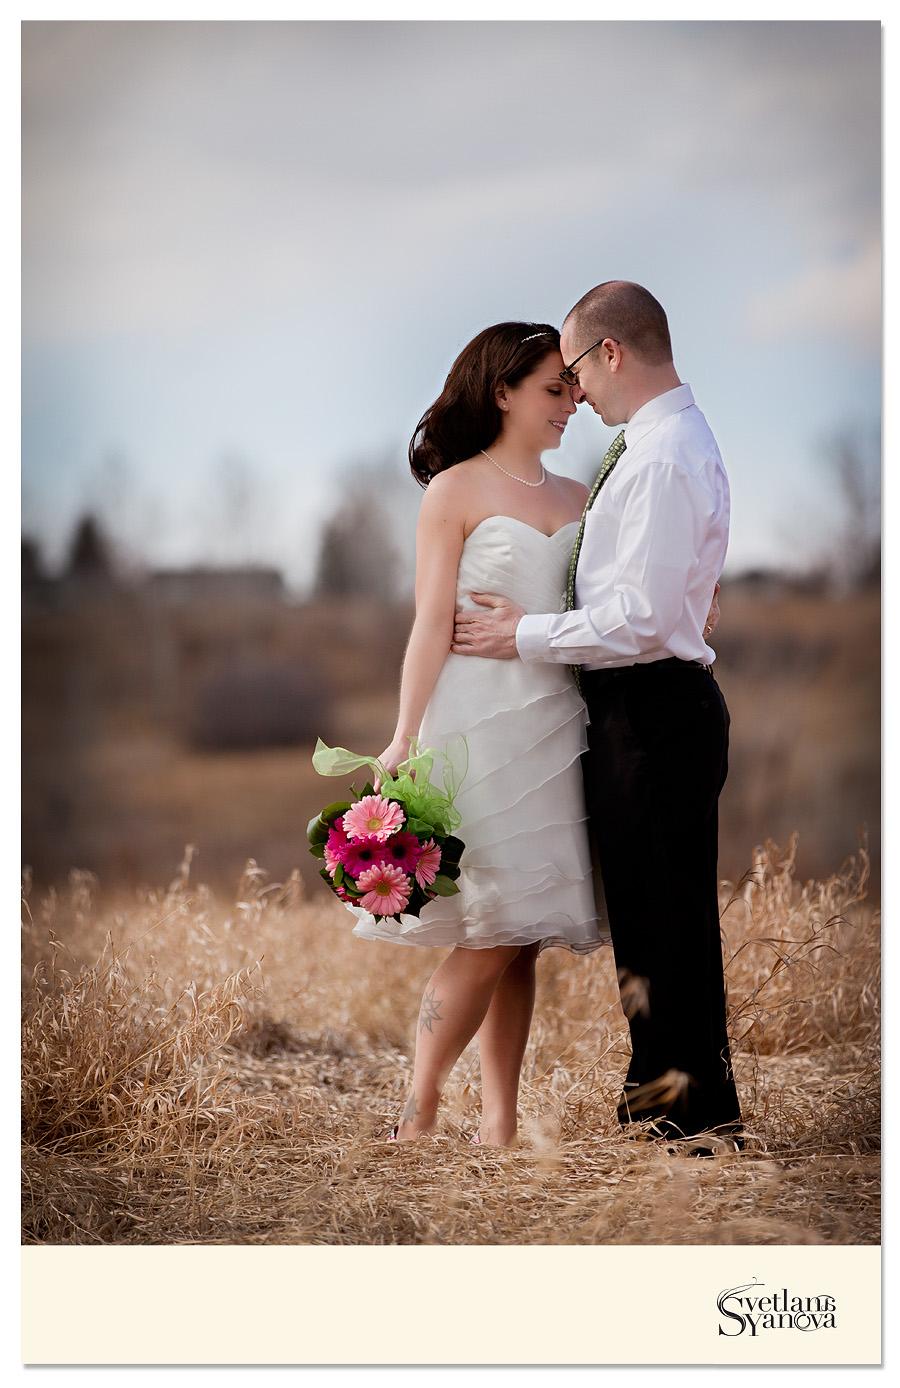 the Ranche wedding photos, Calgary wedding photographers, Calgary wedding photos, Calgary wedding venues, small wedding Calgary, intimate weddings in Calgary, outdoor wedding photos, Calgary wedding photographers